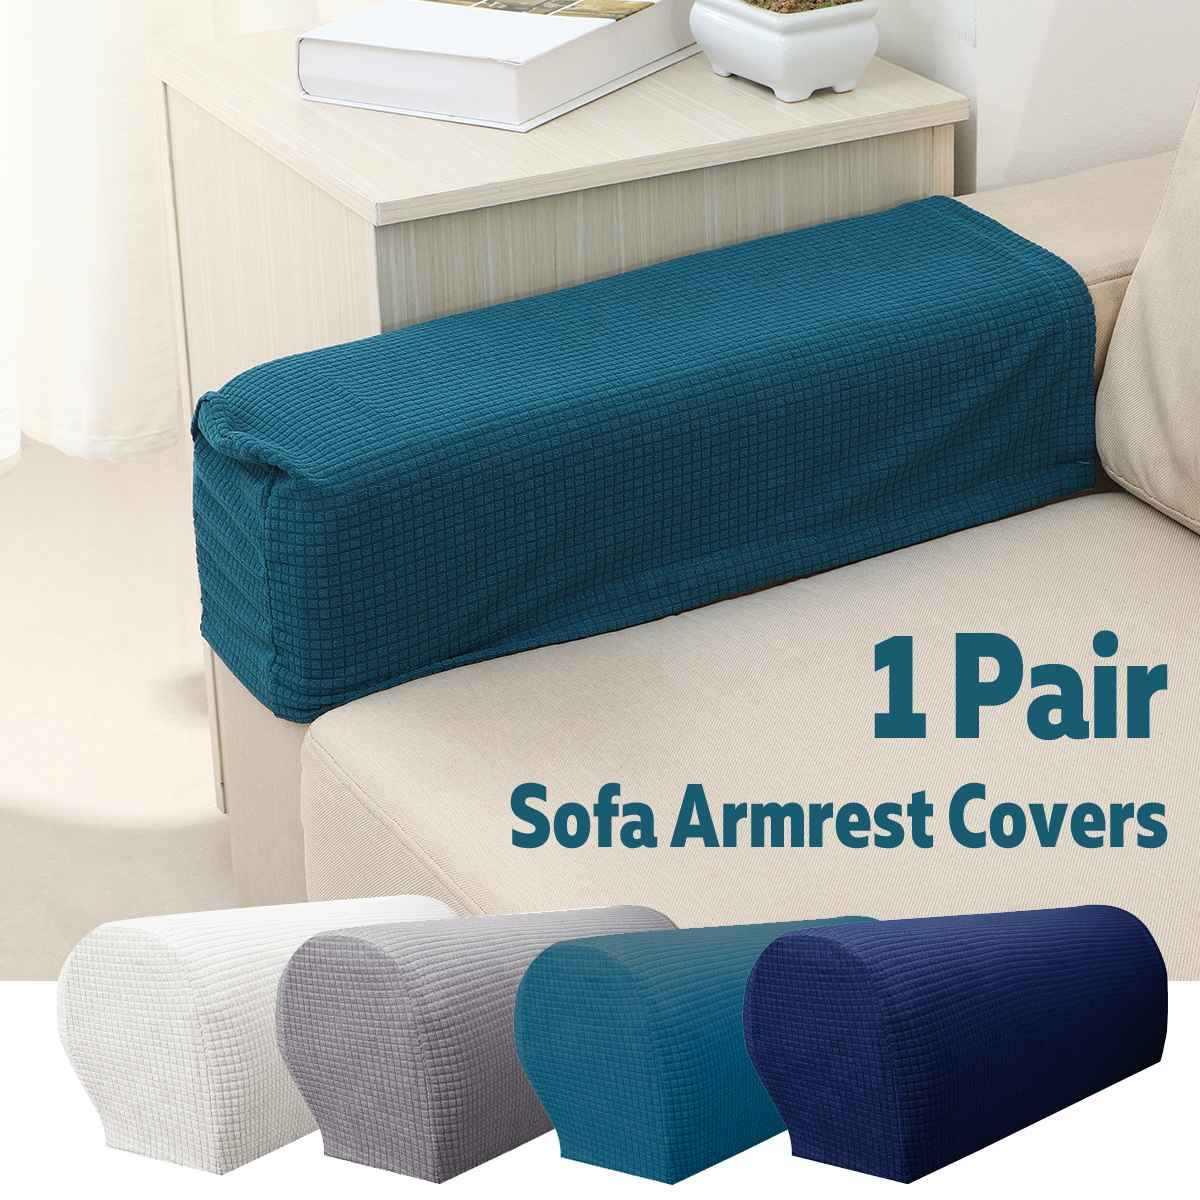 1 пара подлокотники для дивана водонепроницаемый стрейч ткань рука защита для стульев Чехлы коврик Домашний декор для диванов кресла чехол